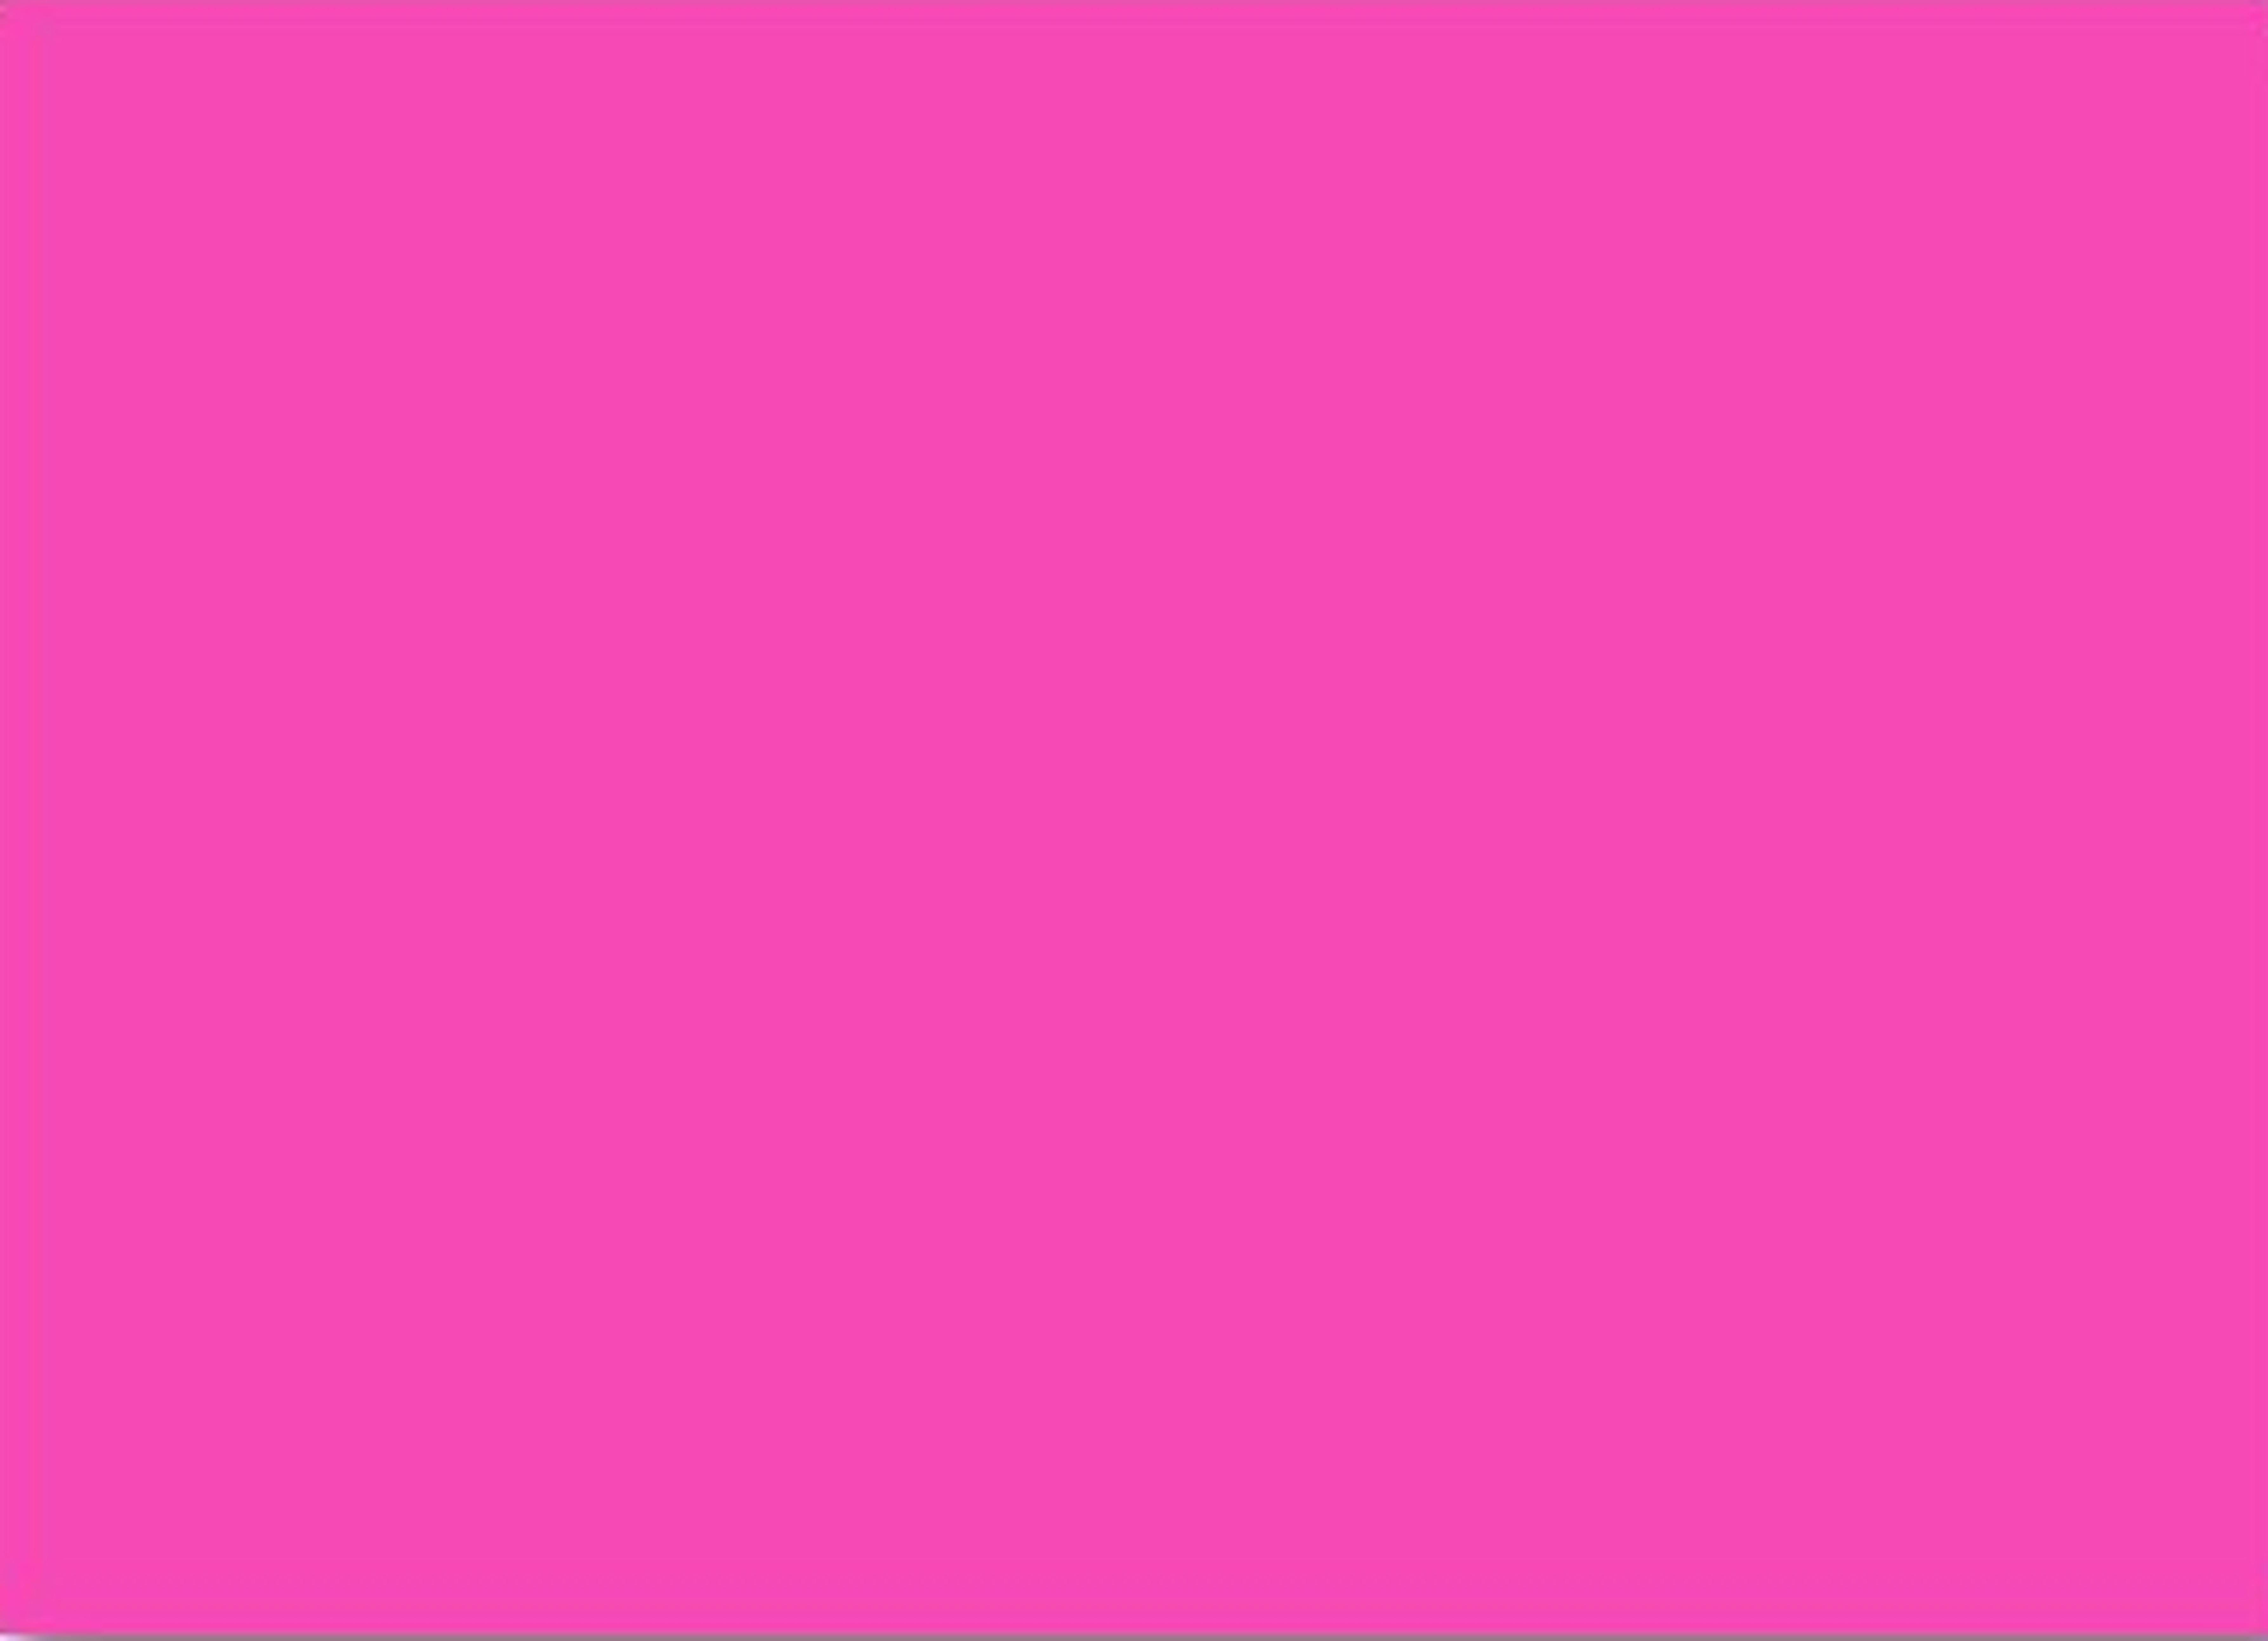 Teal and Hot Pink Wallpaper - WallpaperSafari